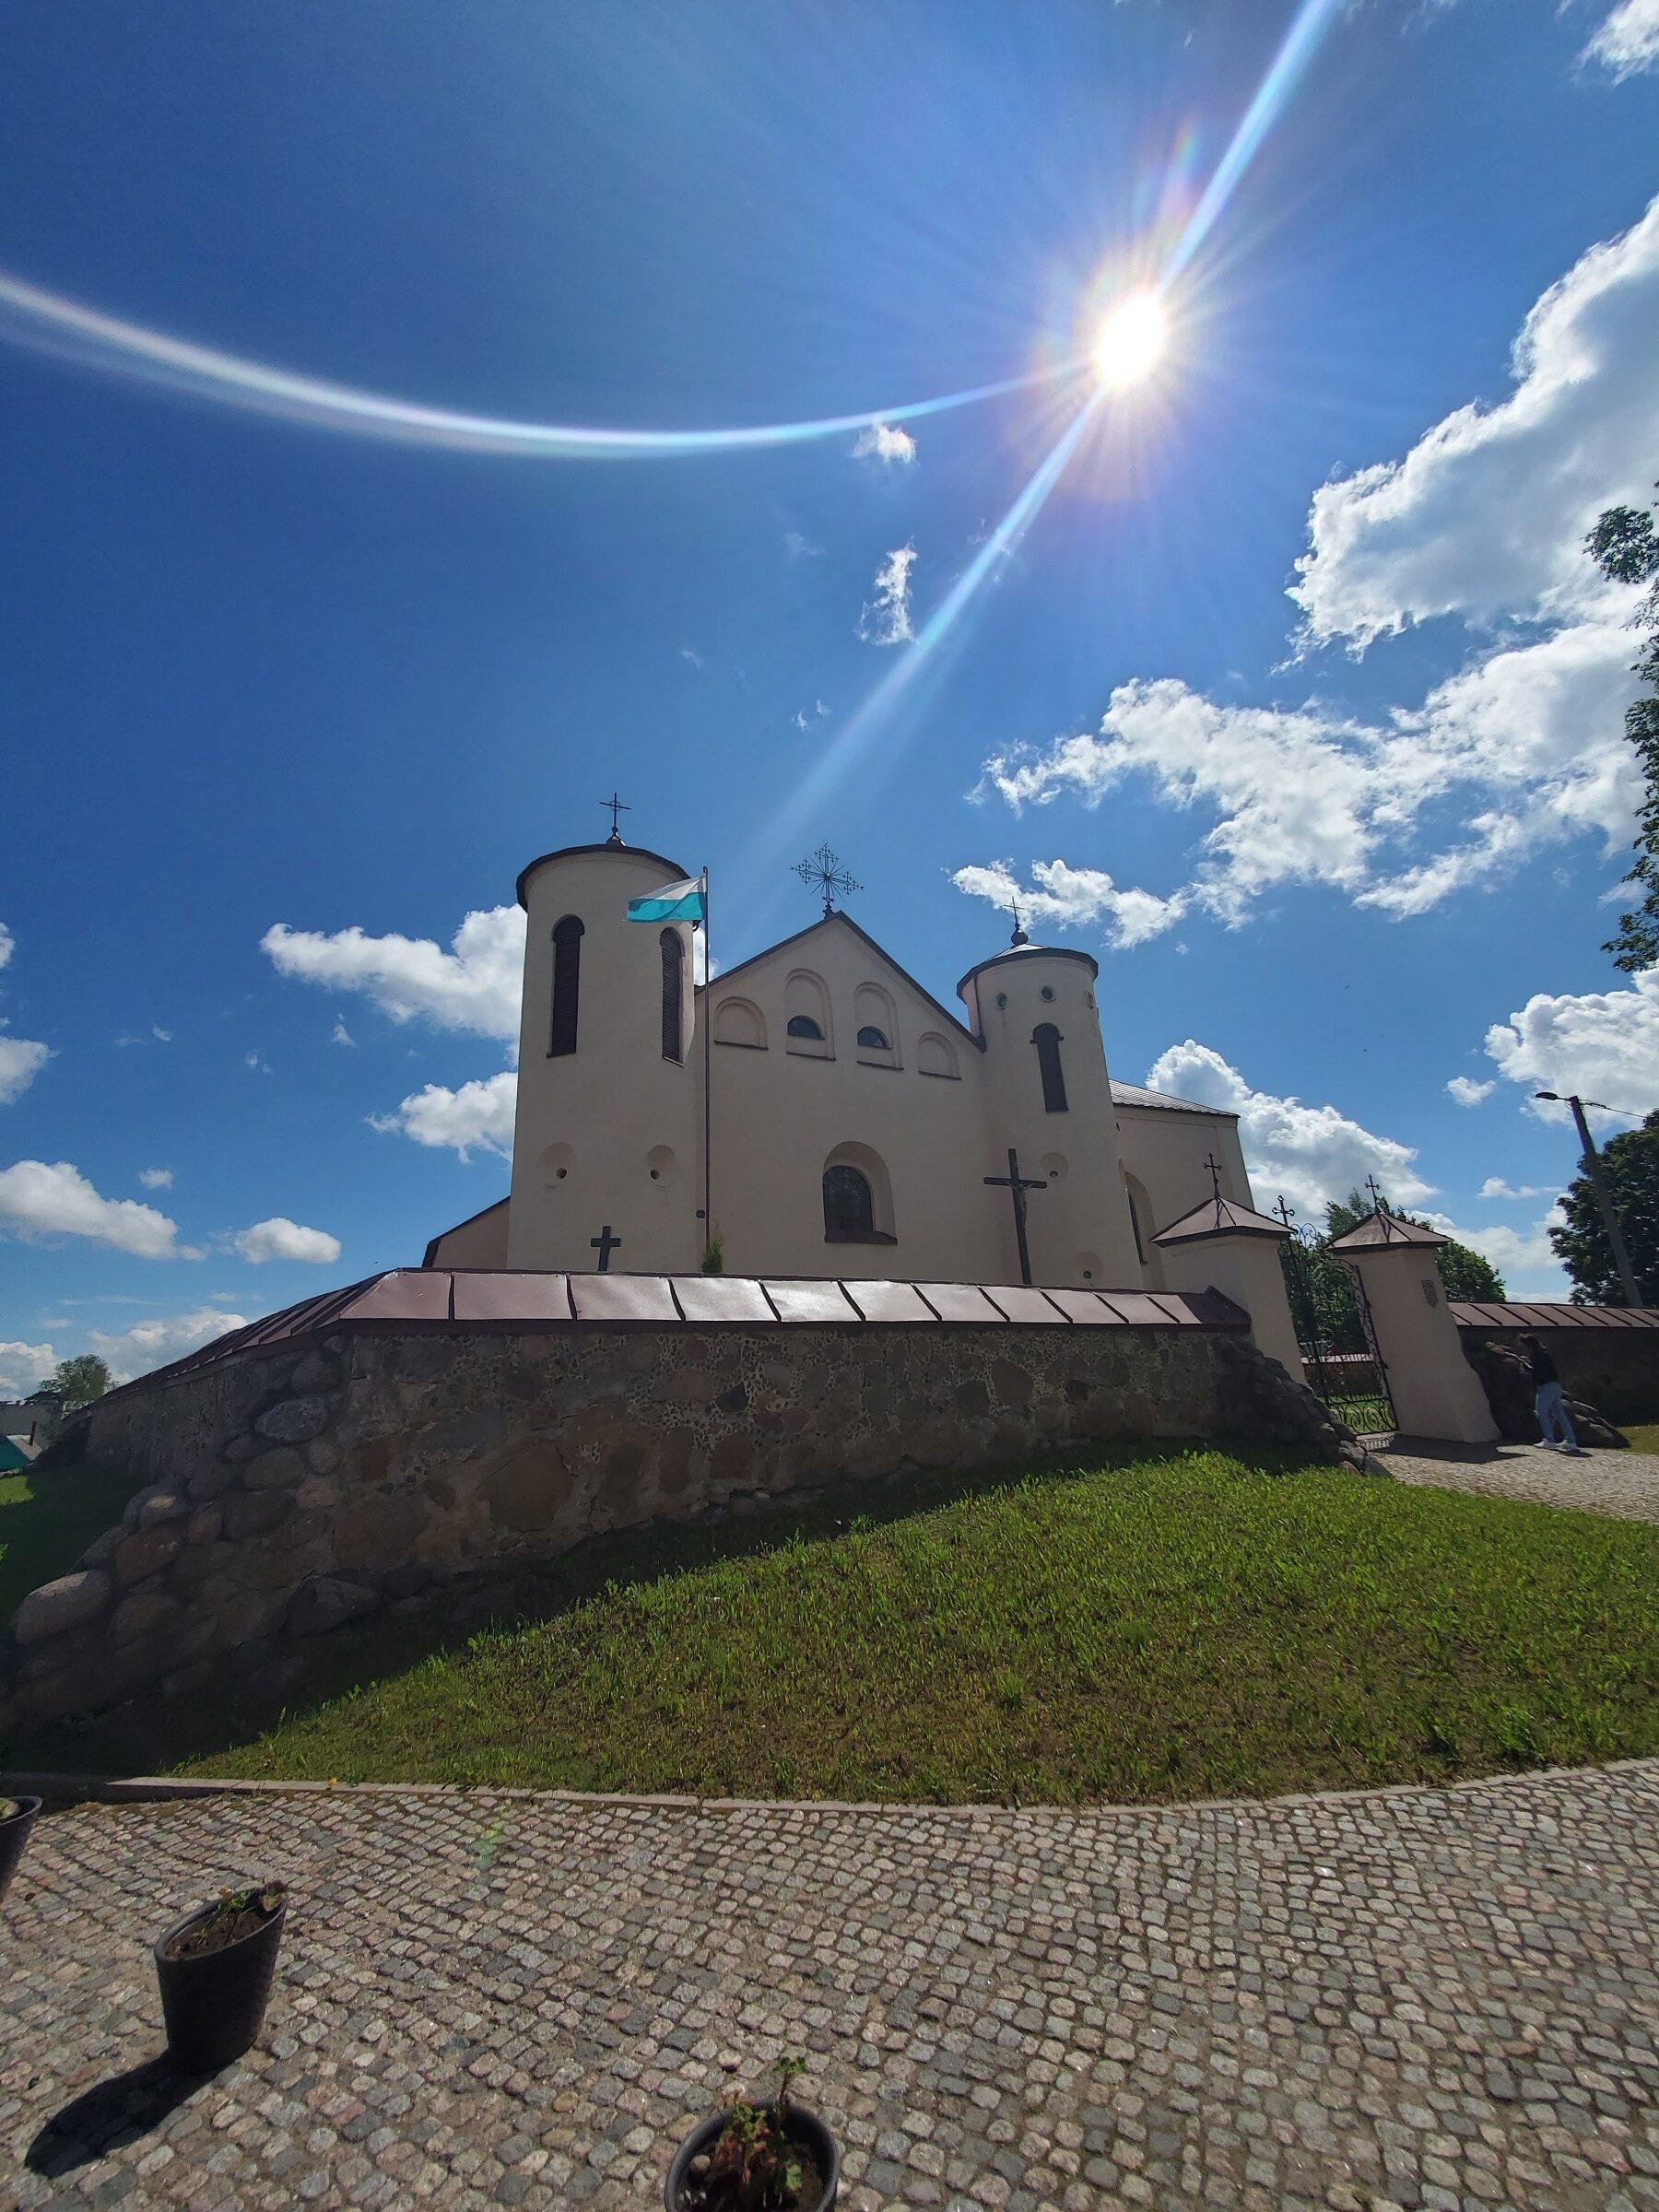 20200606 115625 2 rotated - Костел Св. Иоанна Крестителя в агрогородке Камаи